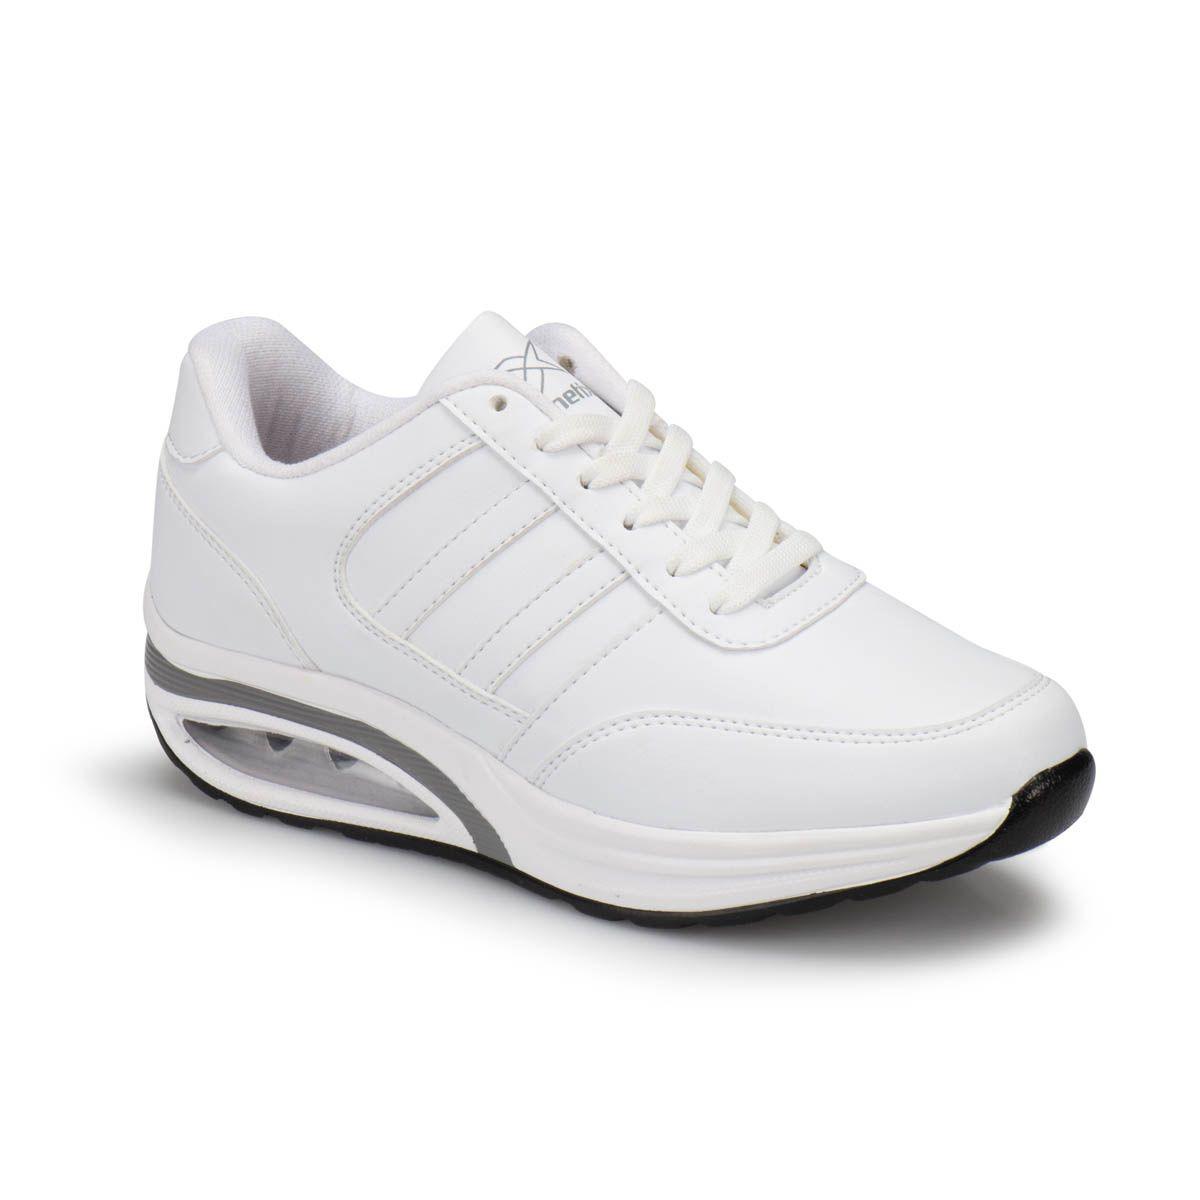 Kinetix Nelia W Beyaz Kadin Sneaker Sneaker Spor Ayakabilar Kadin